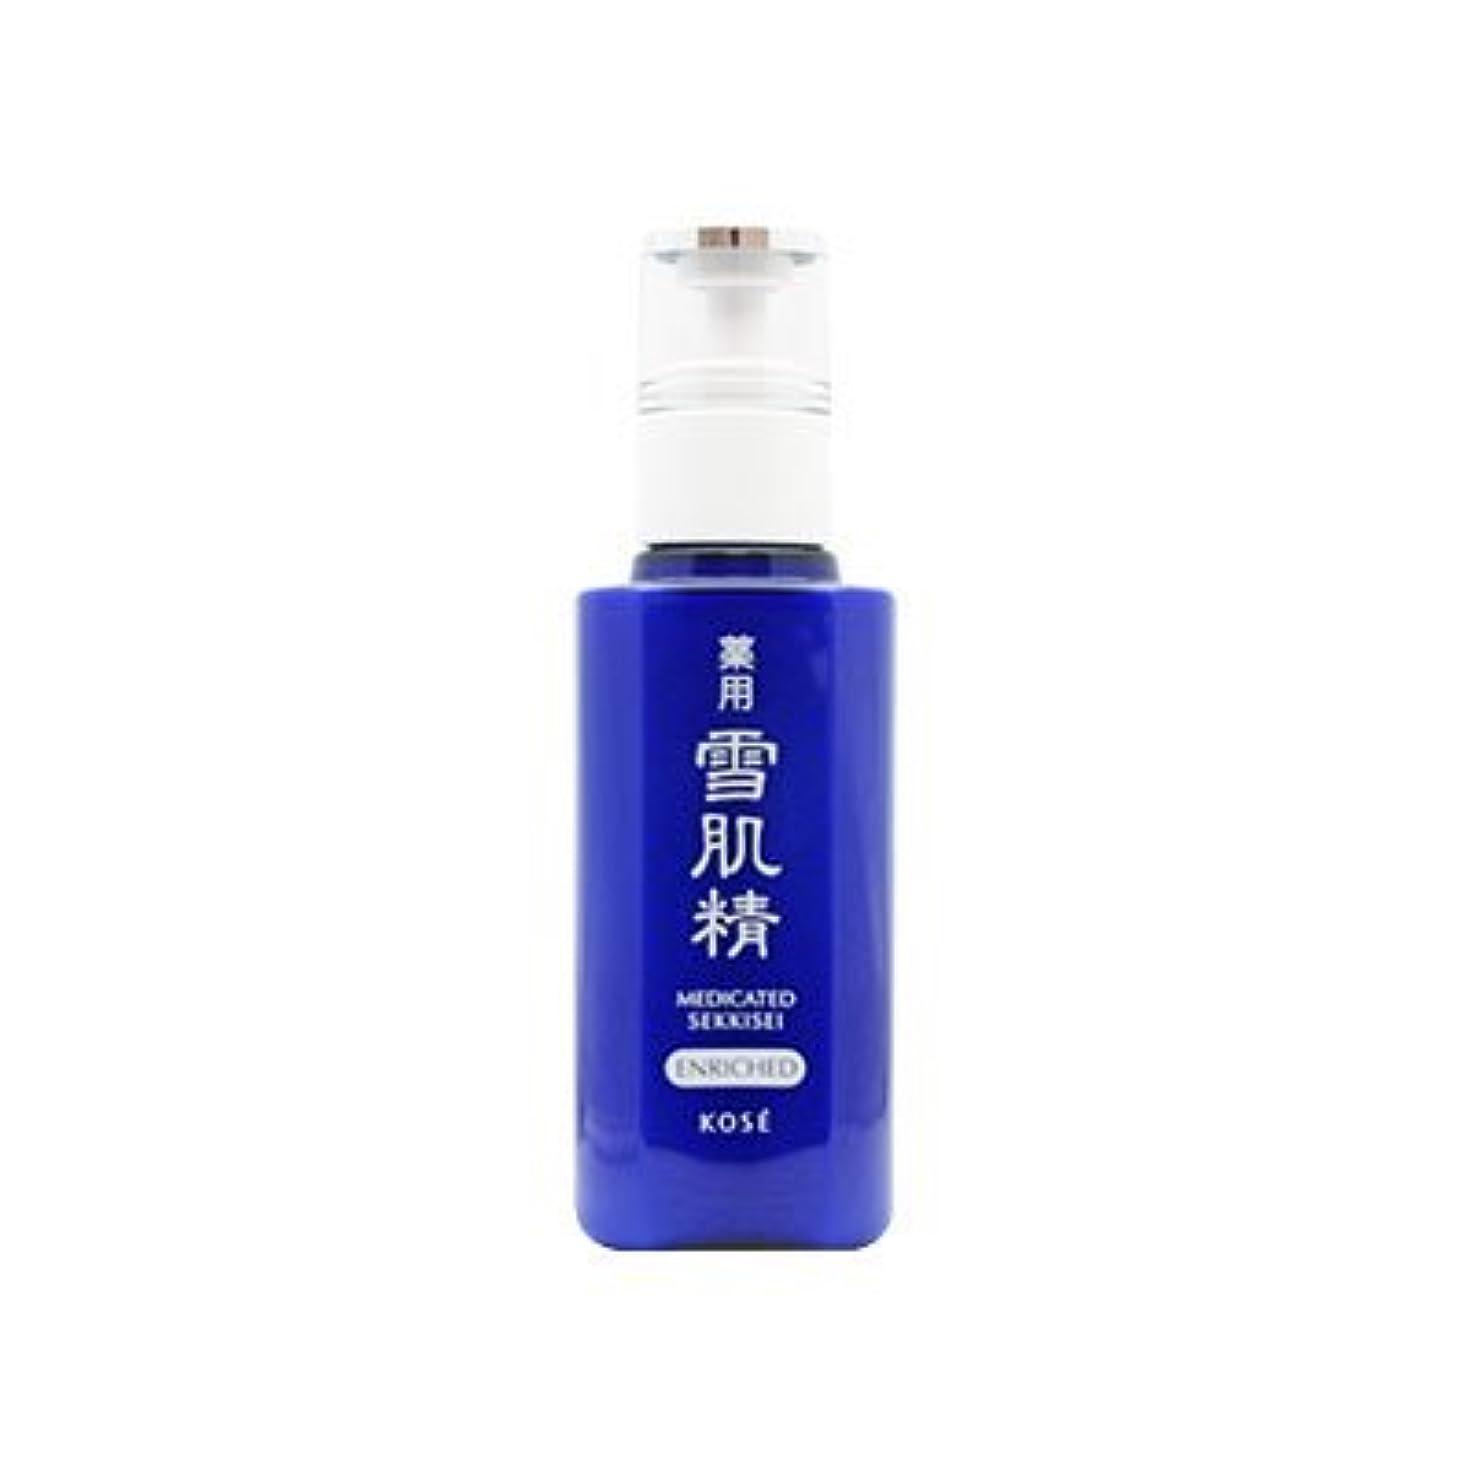 メロディー会社フレアコーセー(KOSE) 薬用 雪肌精 乳液 140ml[並行輸入品]